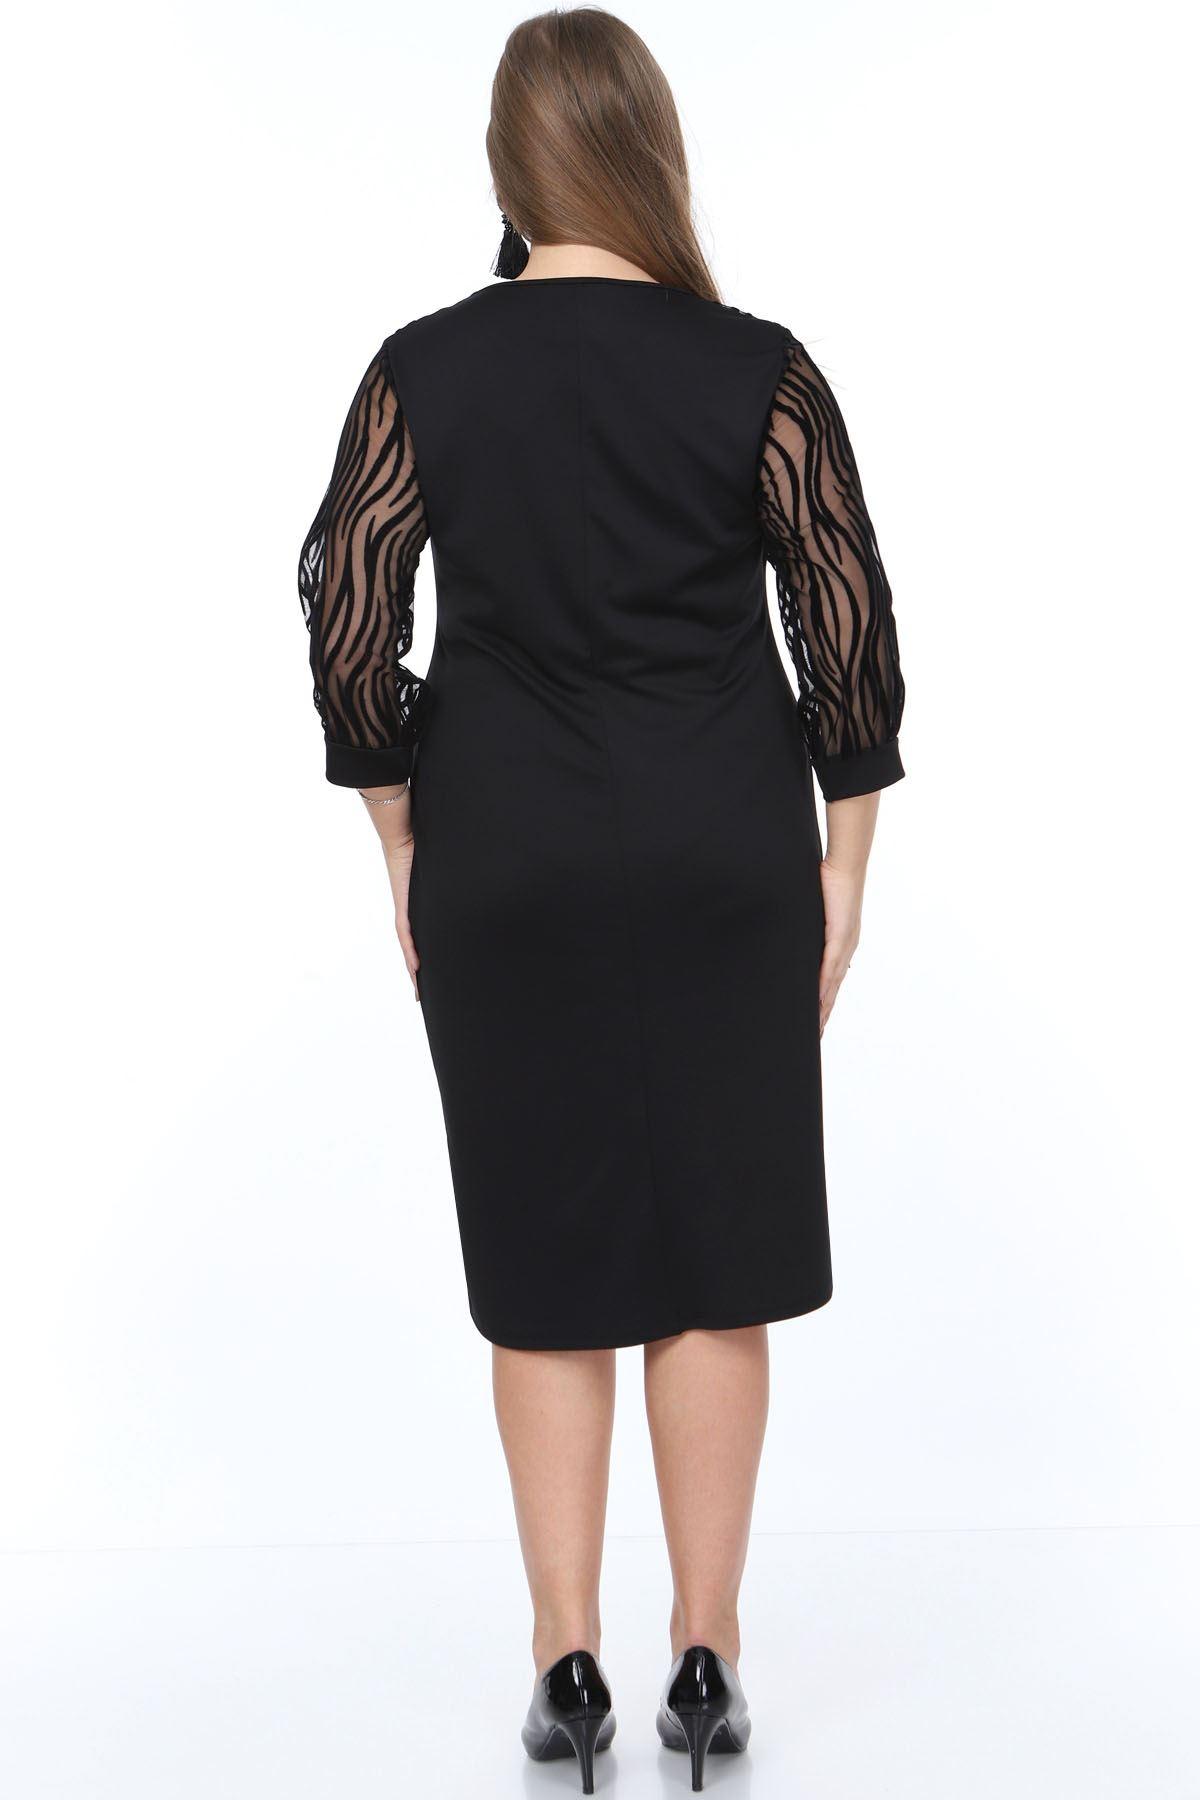 Zebra Desen Flok Büyük Beden Elbise 15B-0896